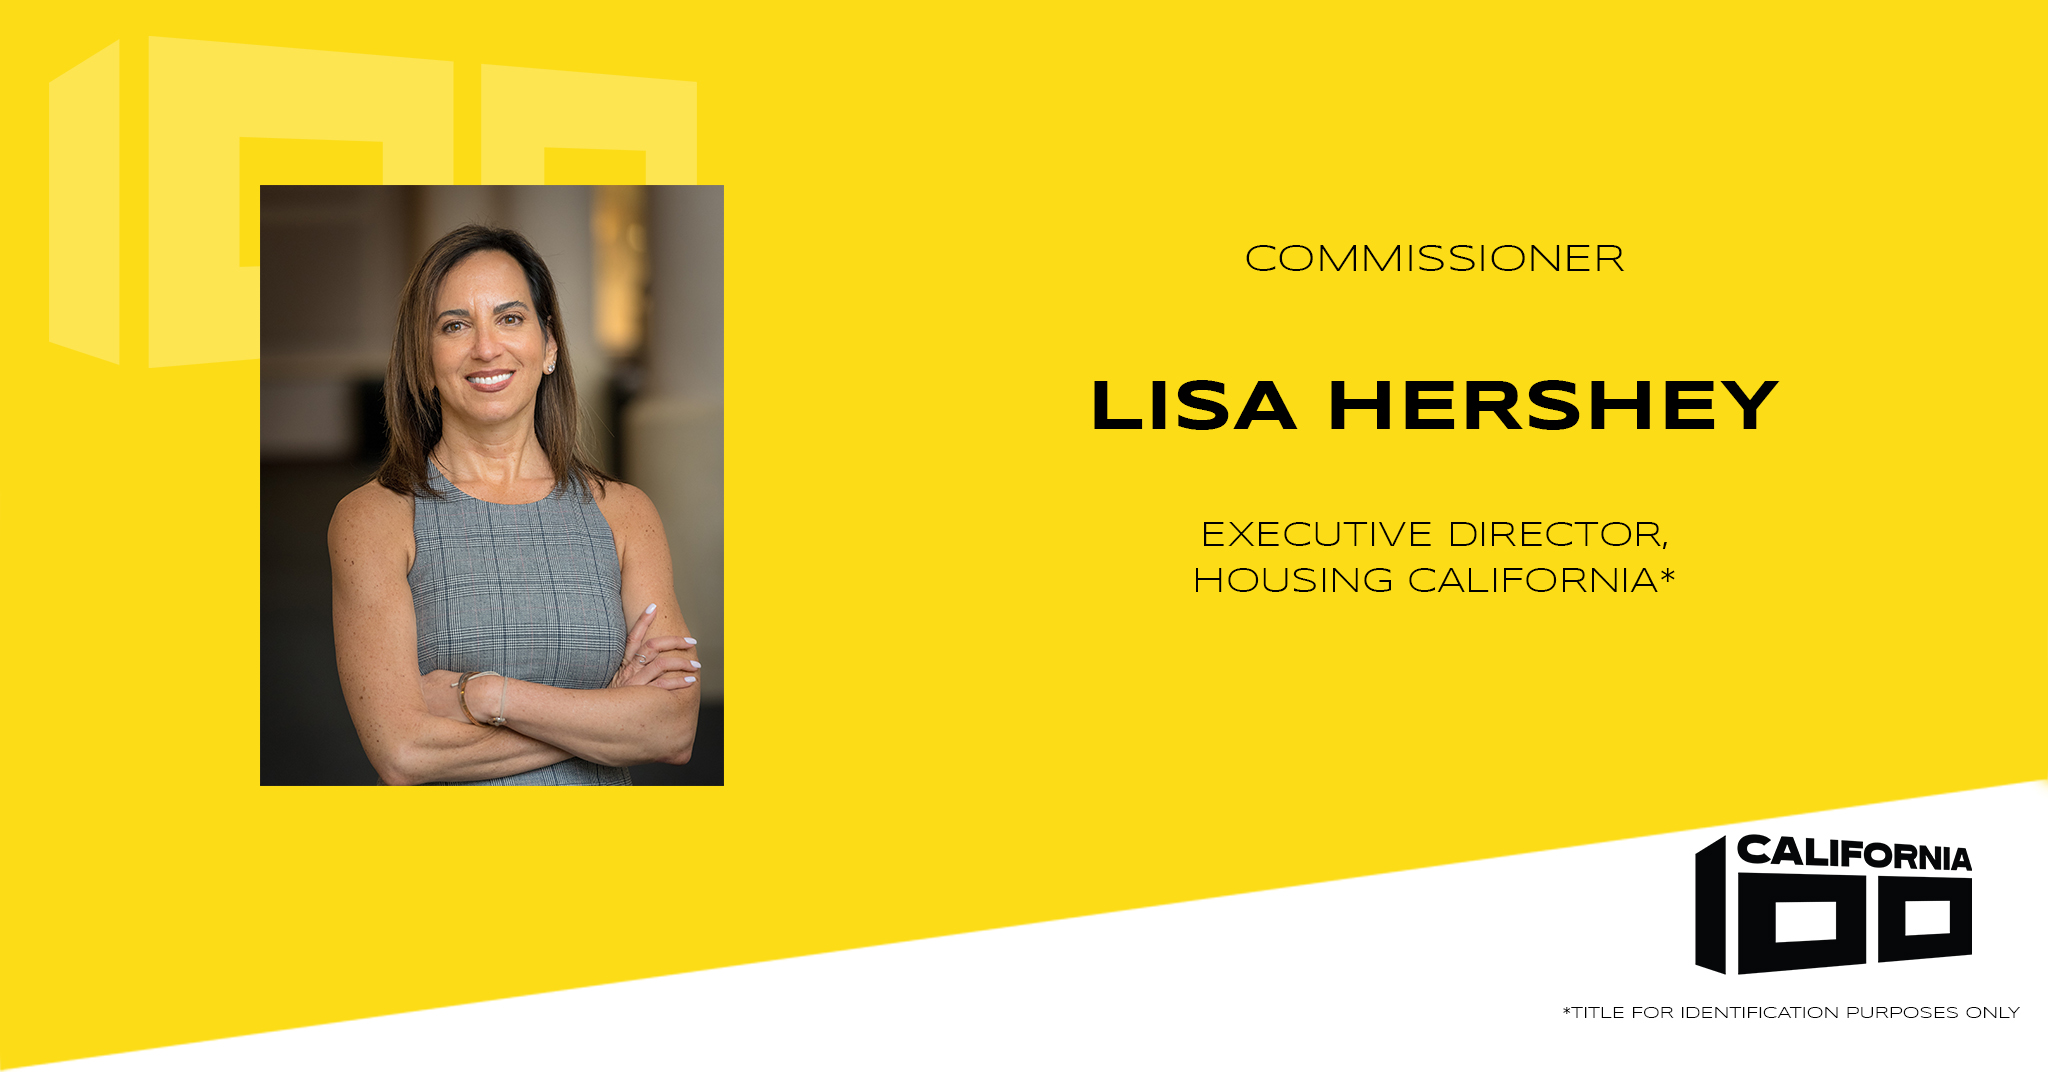 Lisa Hershey